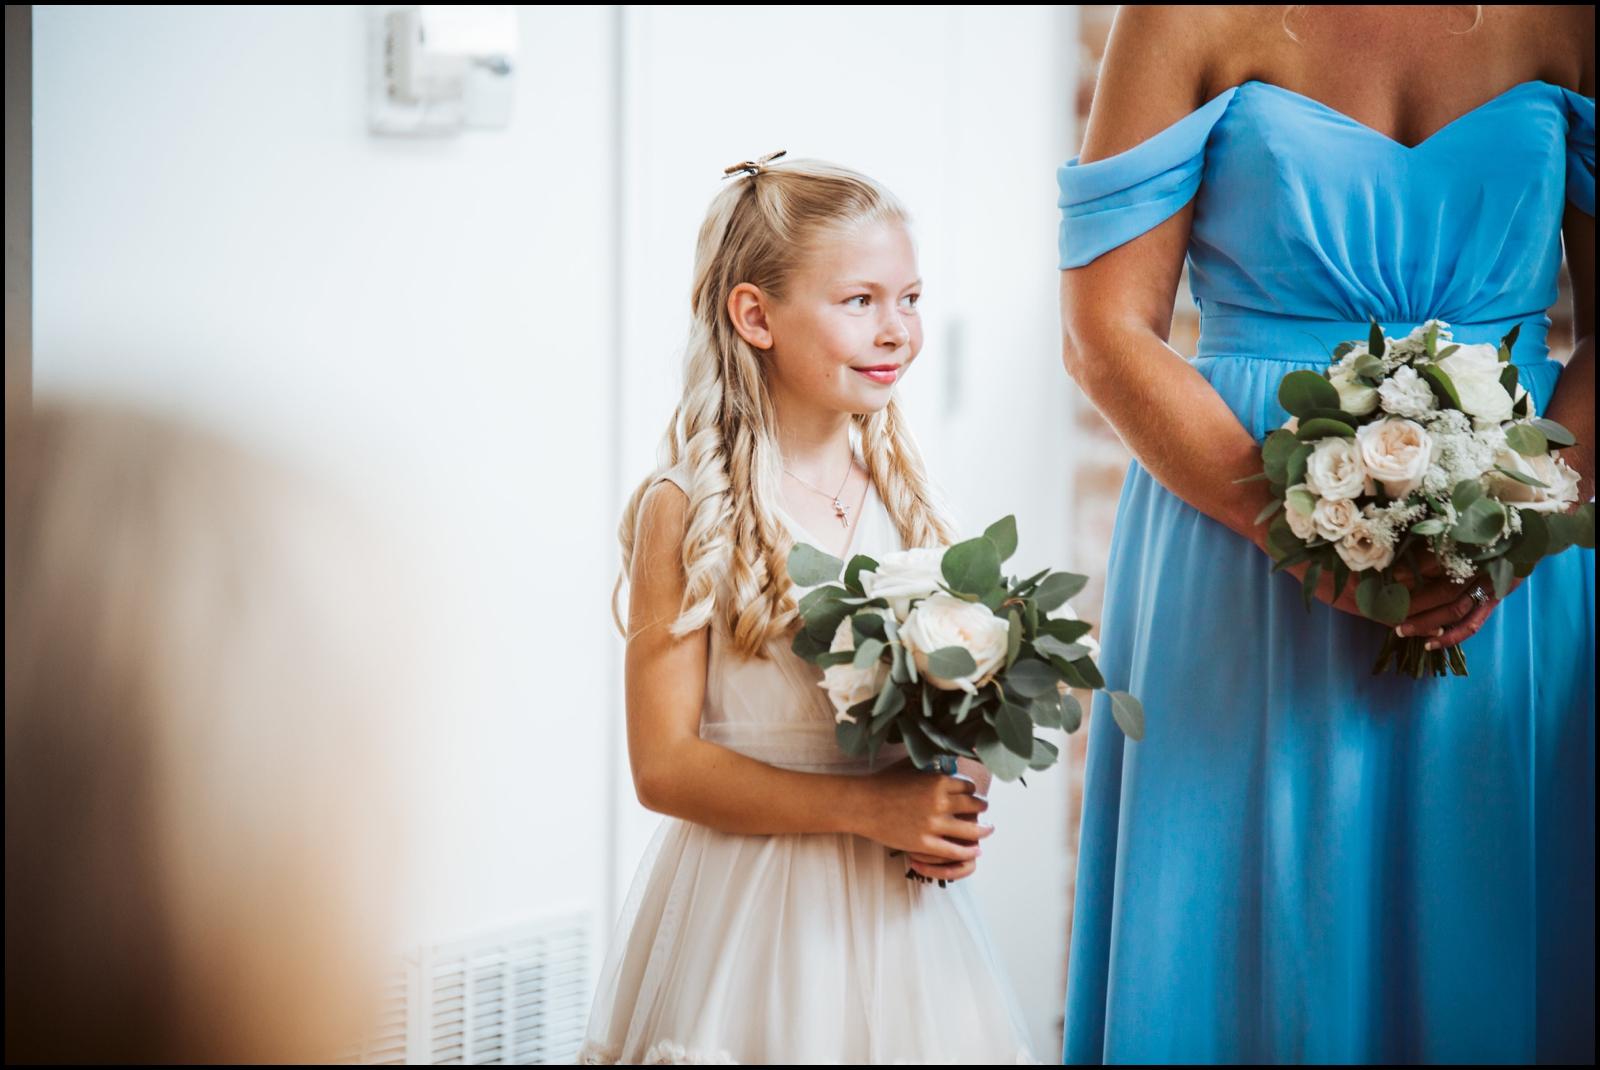 Flower girl during ceremony